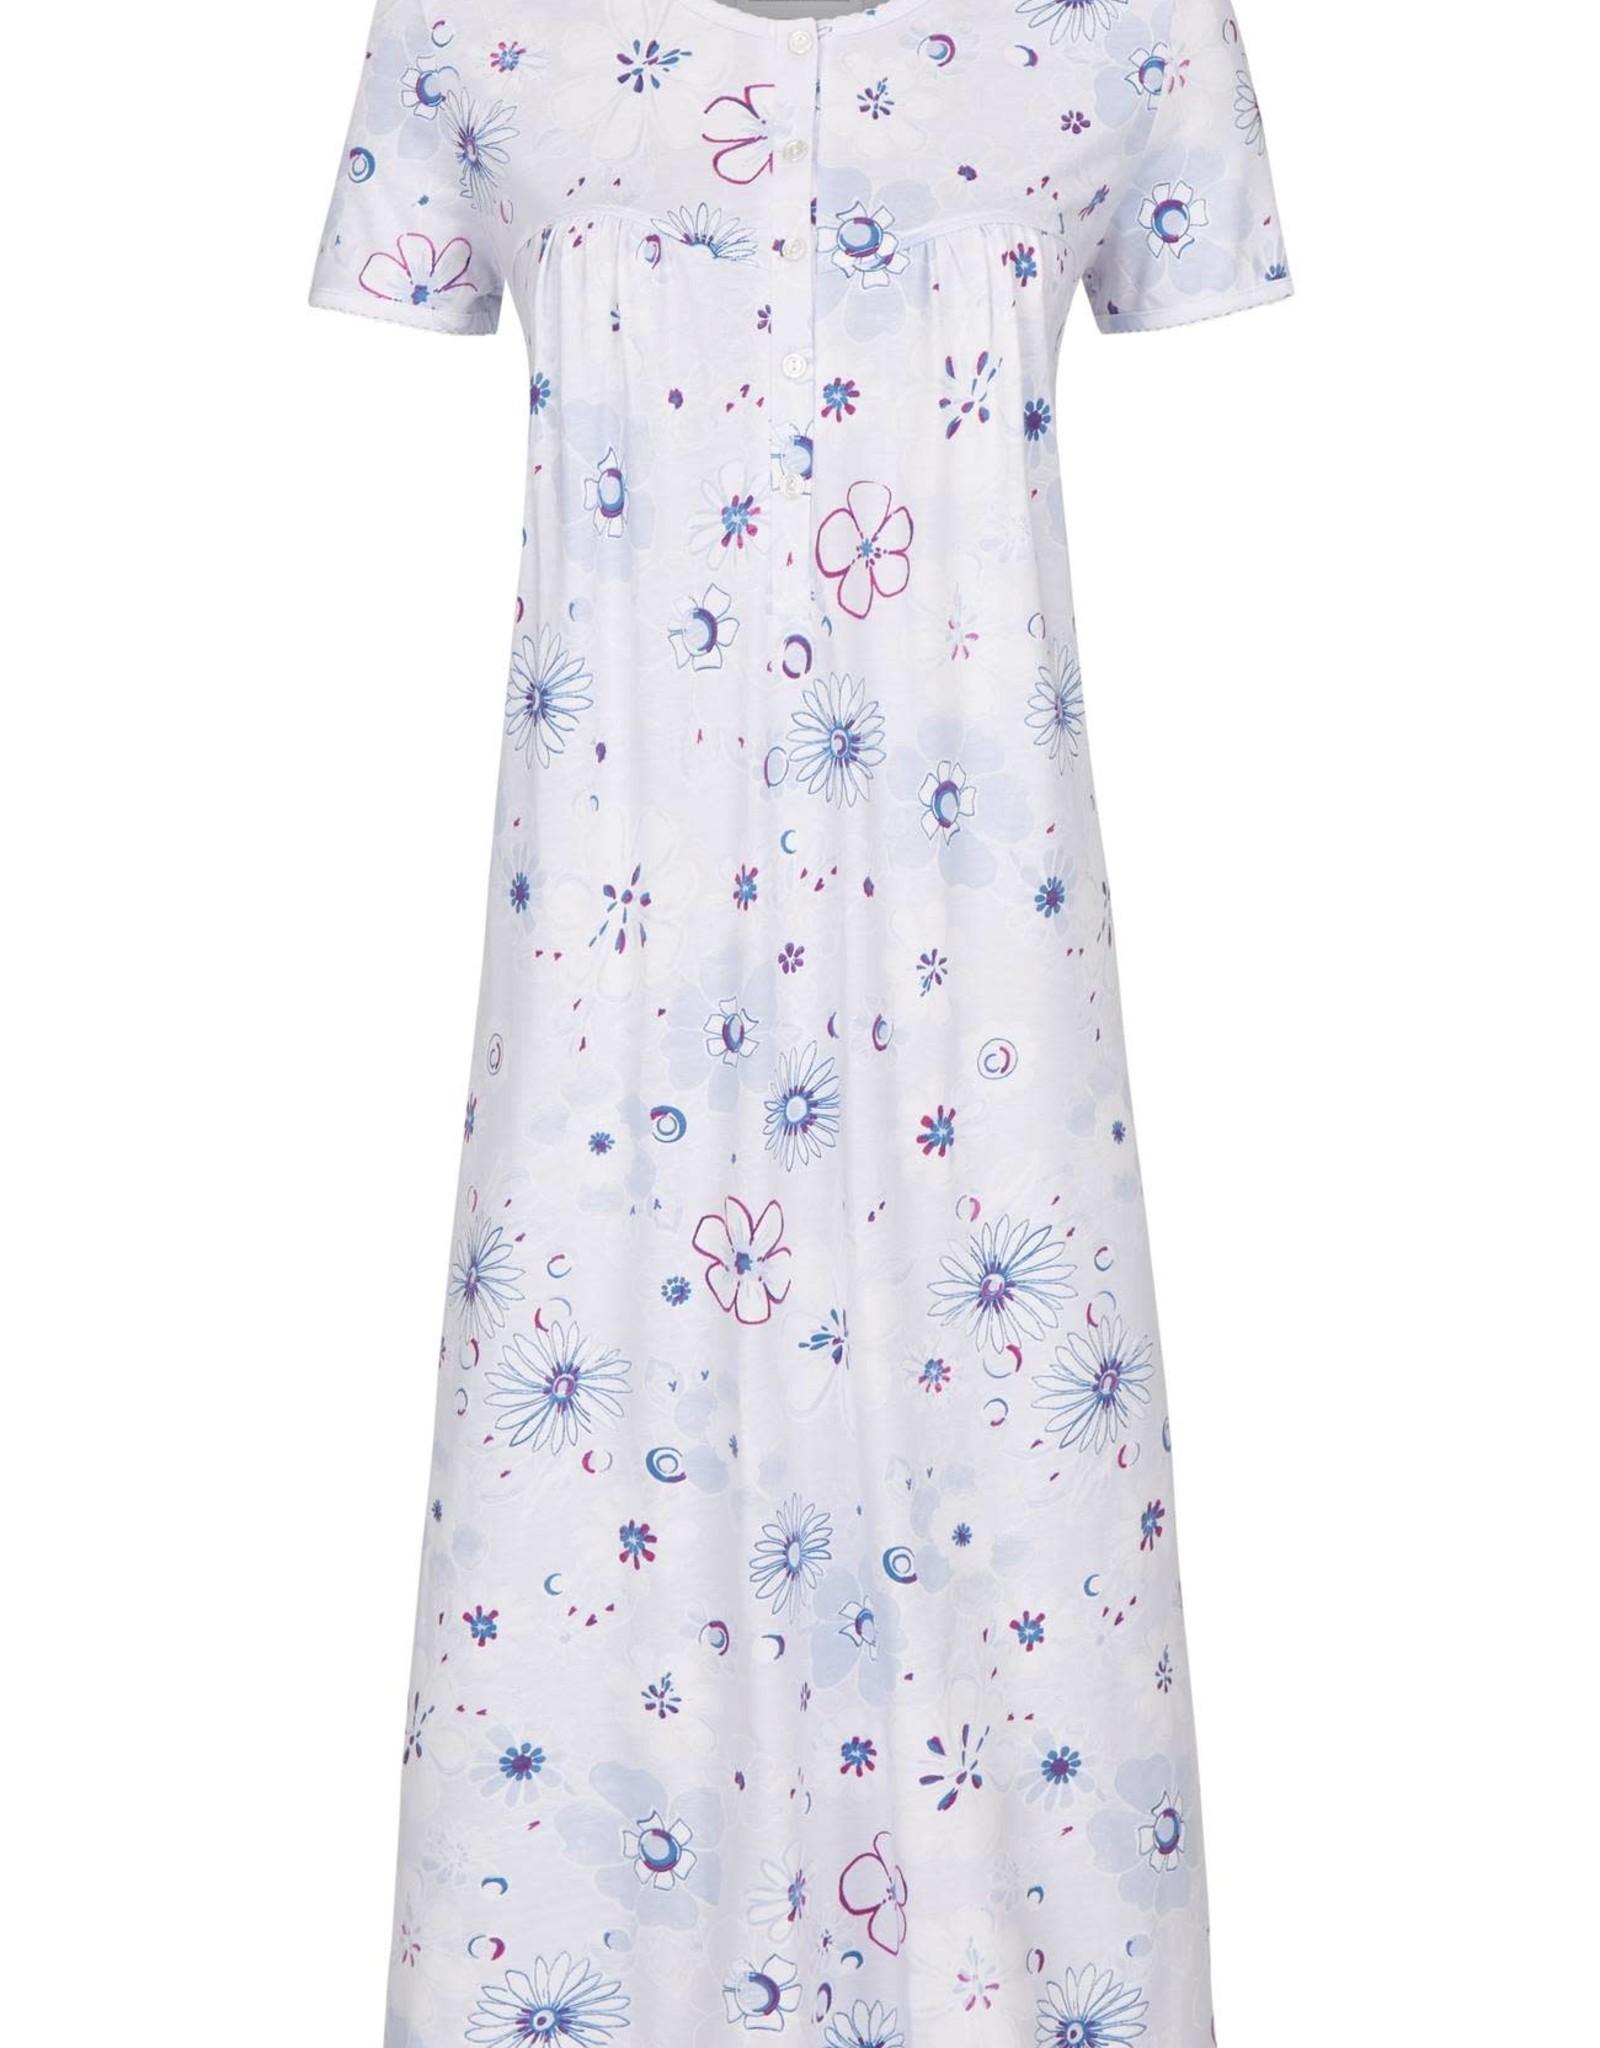 Ringella Ringella nachthemd, knoopjes, blue